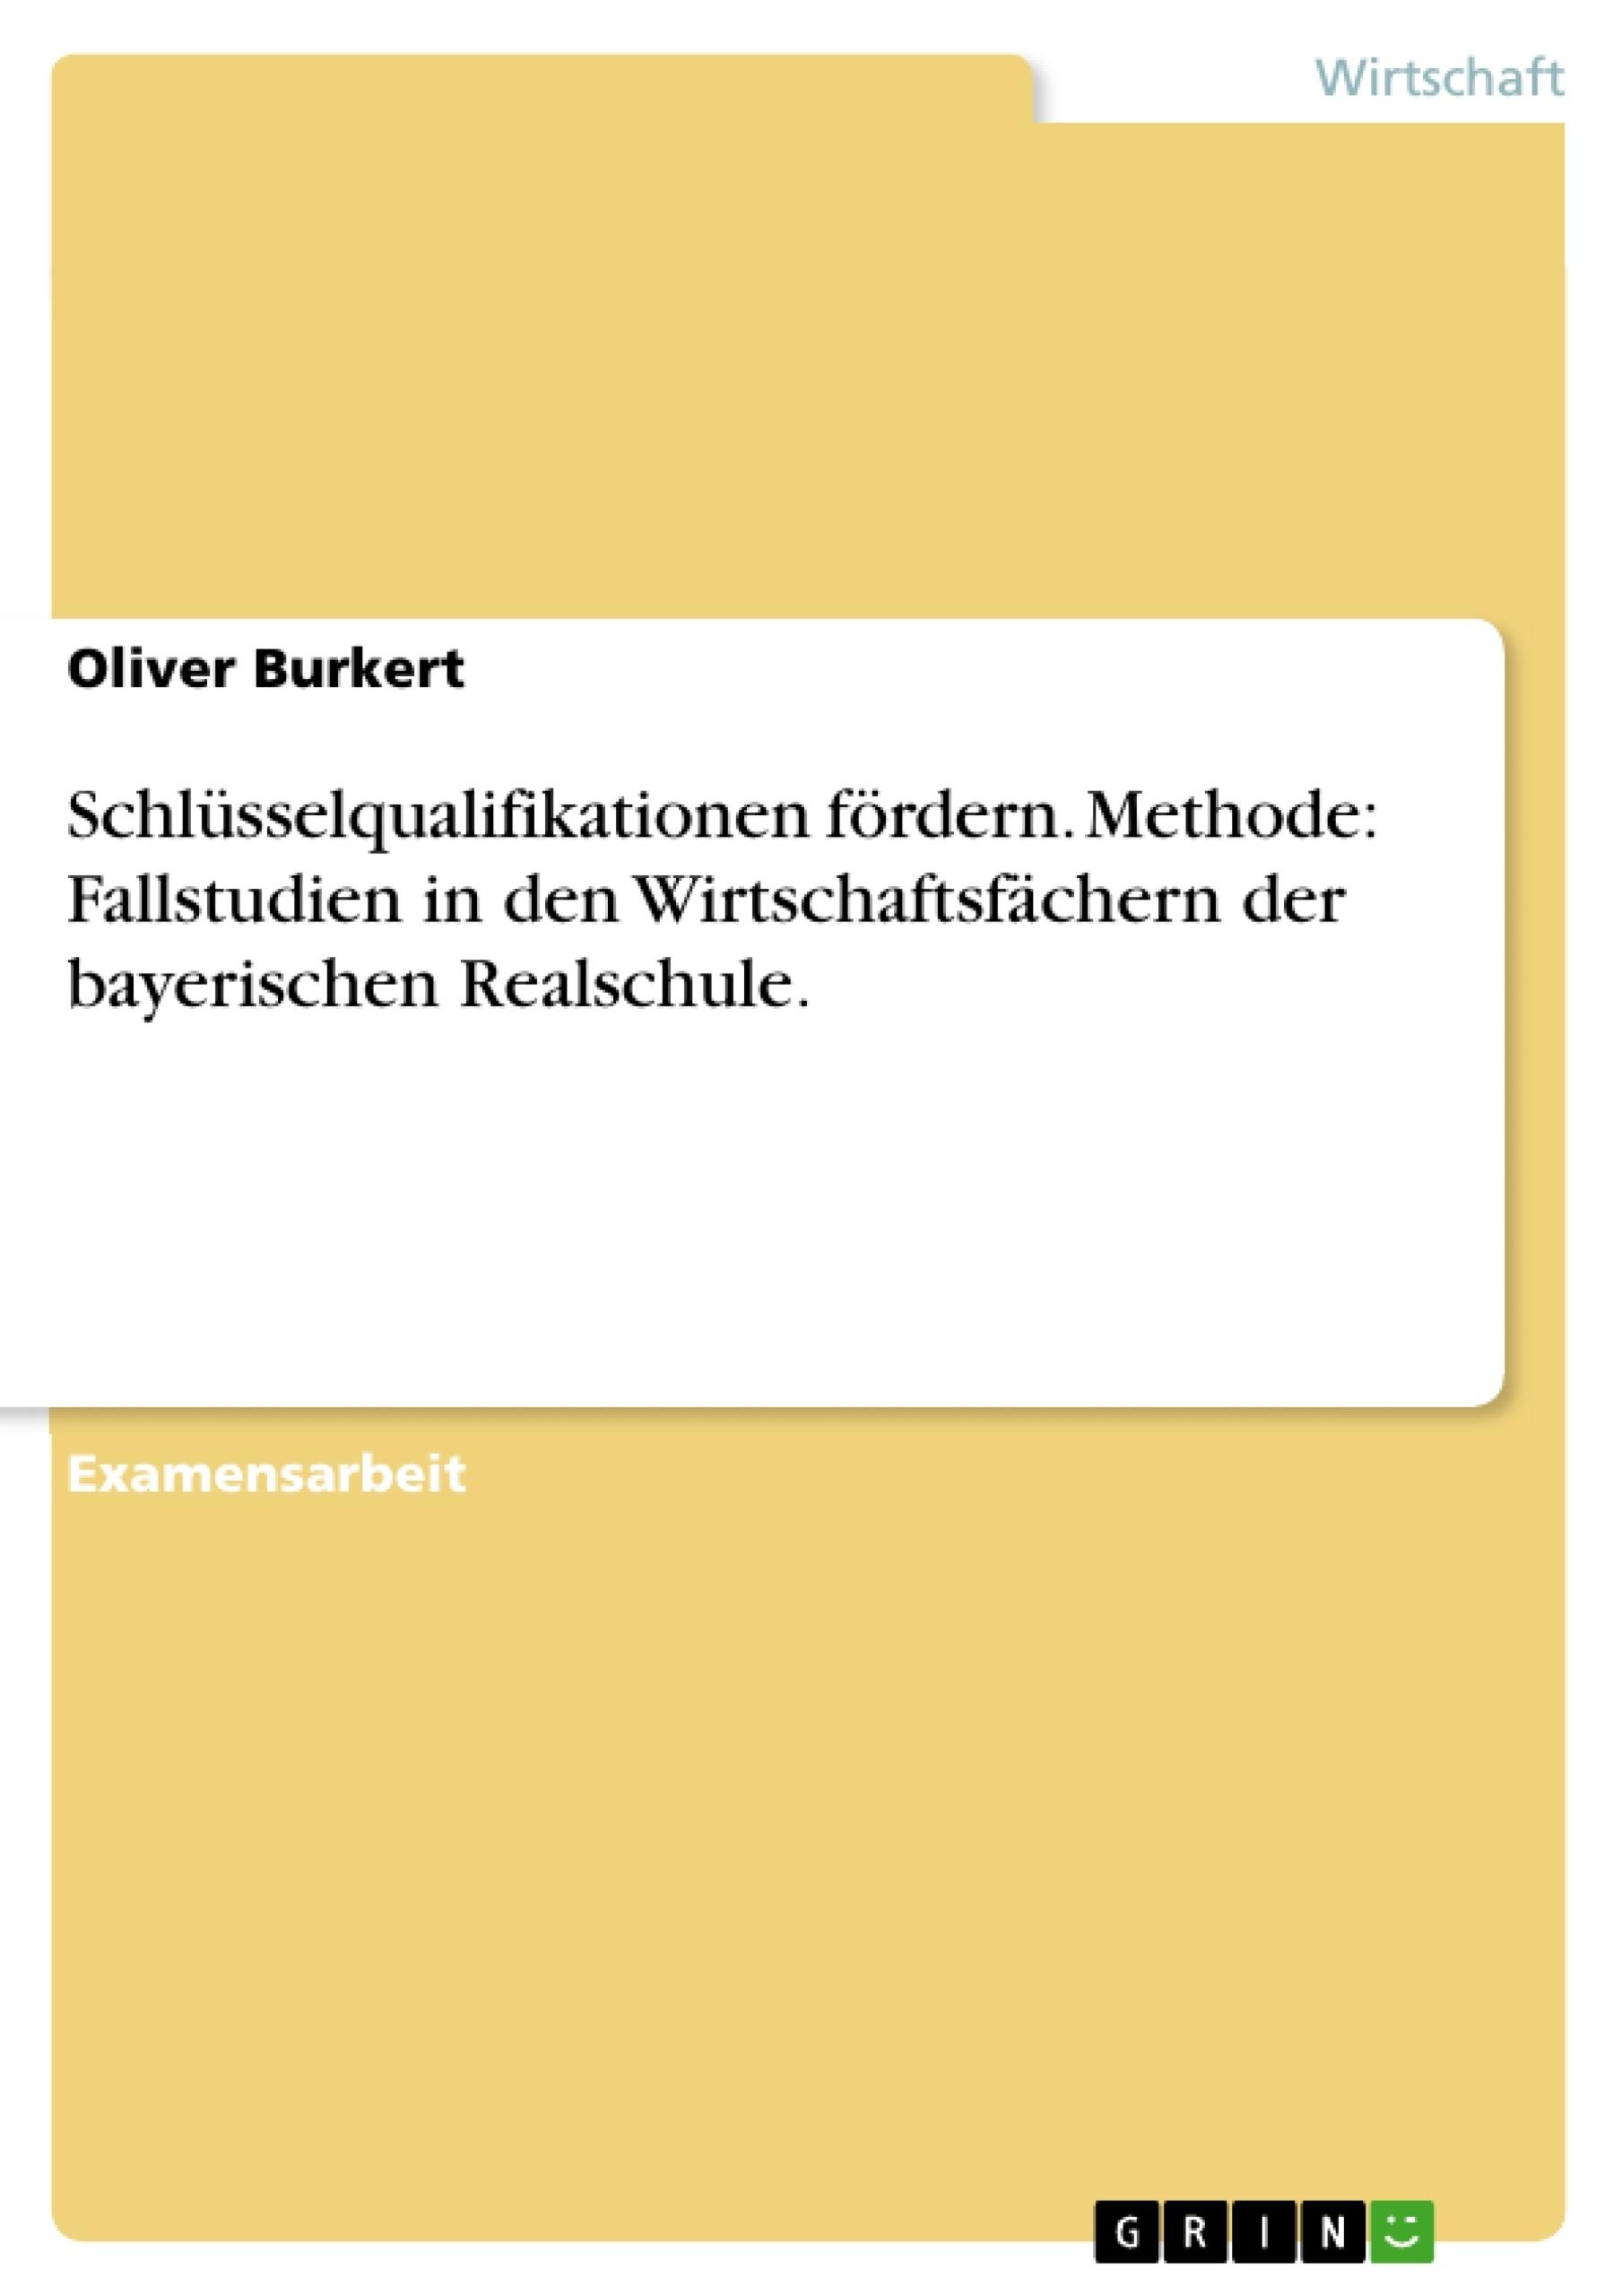 Titel: Schlüsselqualifikationen fördern. Methode: Fallstudien in den Wirtschaftsfächern der bayerischen Realschule.